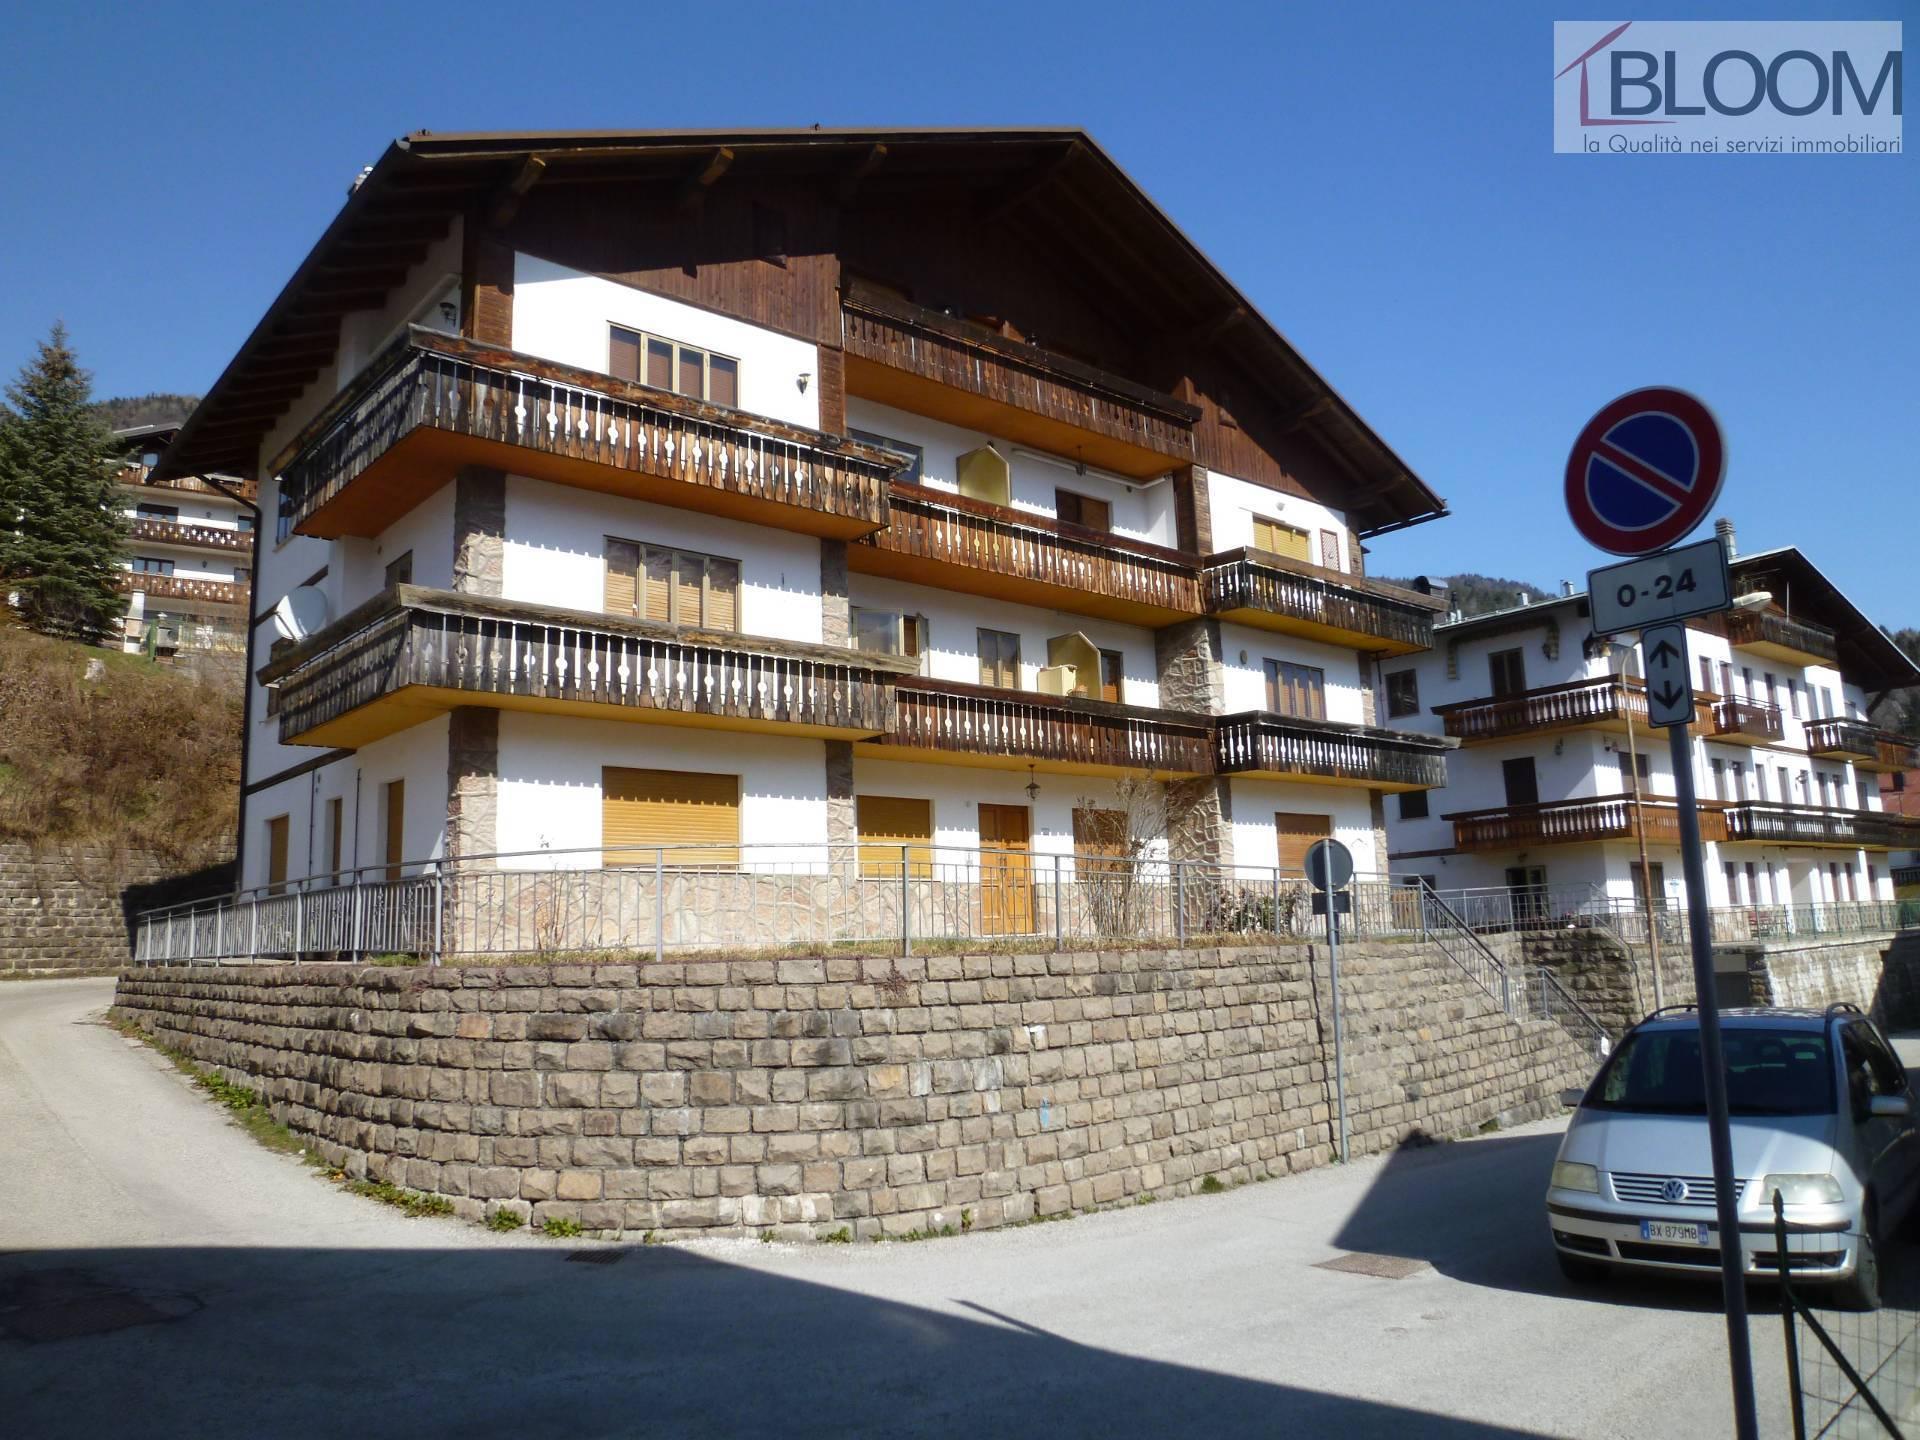 Appartamento in vendita a Domegge di Cadore, 4 locali, prezzo € 90.000 | PortaleAgenzieImmobiliari.it